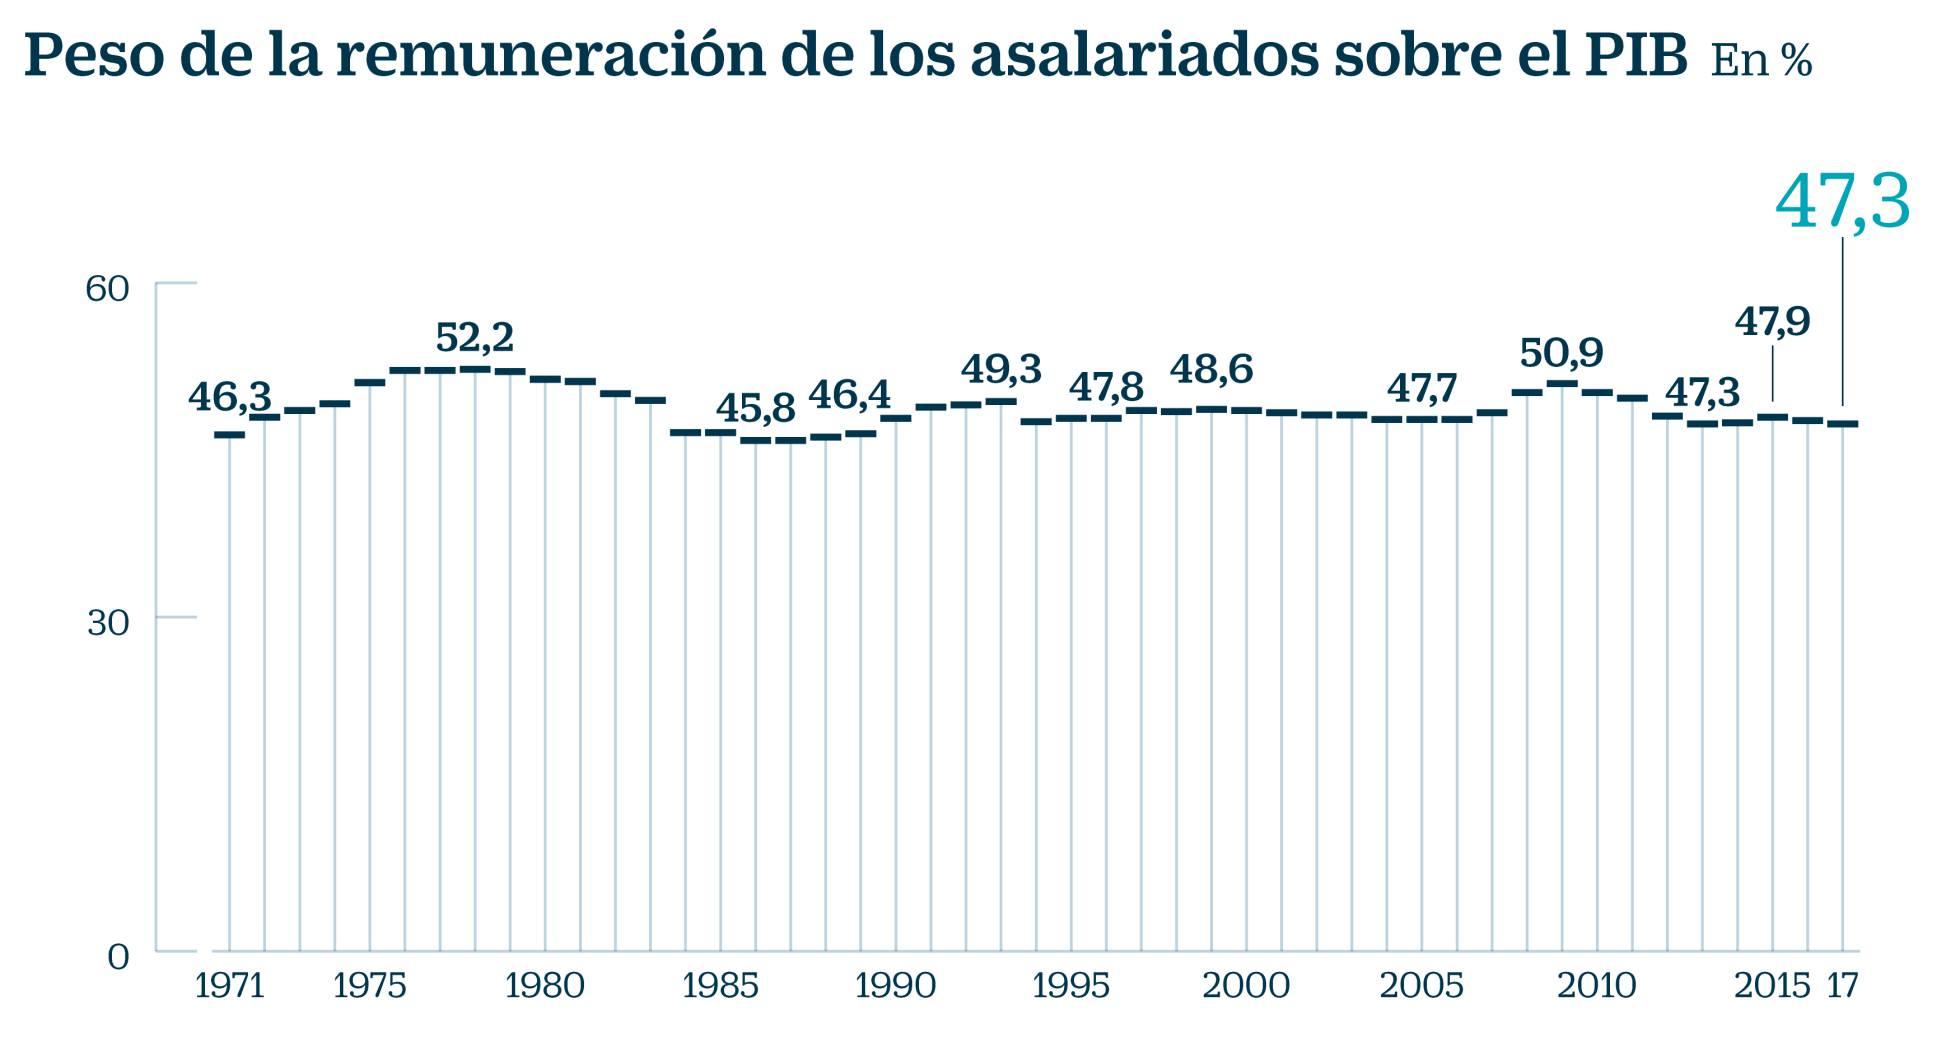 Salarios, precios y ganancias $ - Página 12 1520613690_542389_1520613805_noticia_normal_recorte1